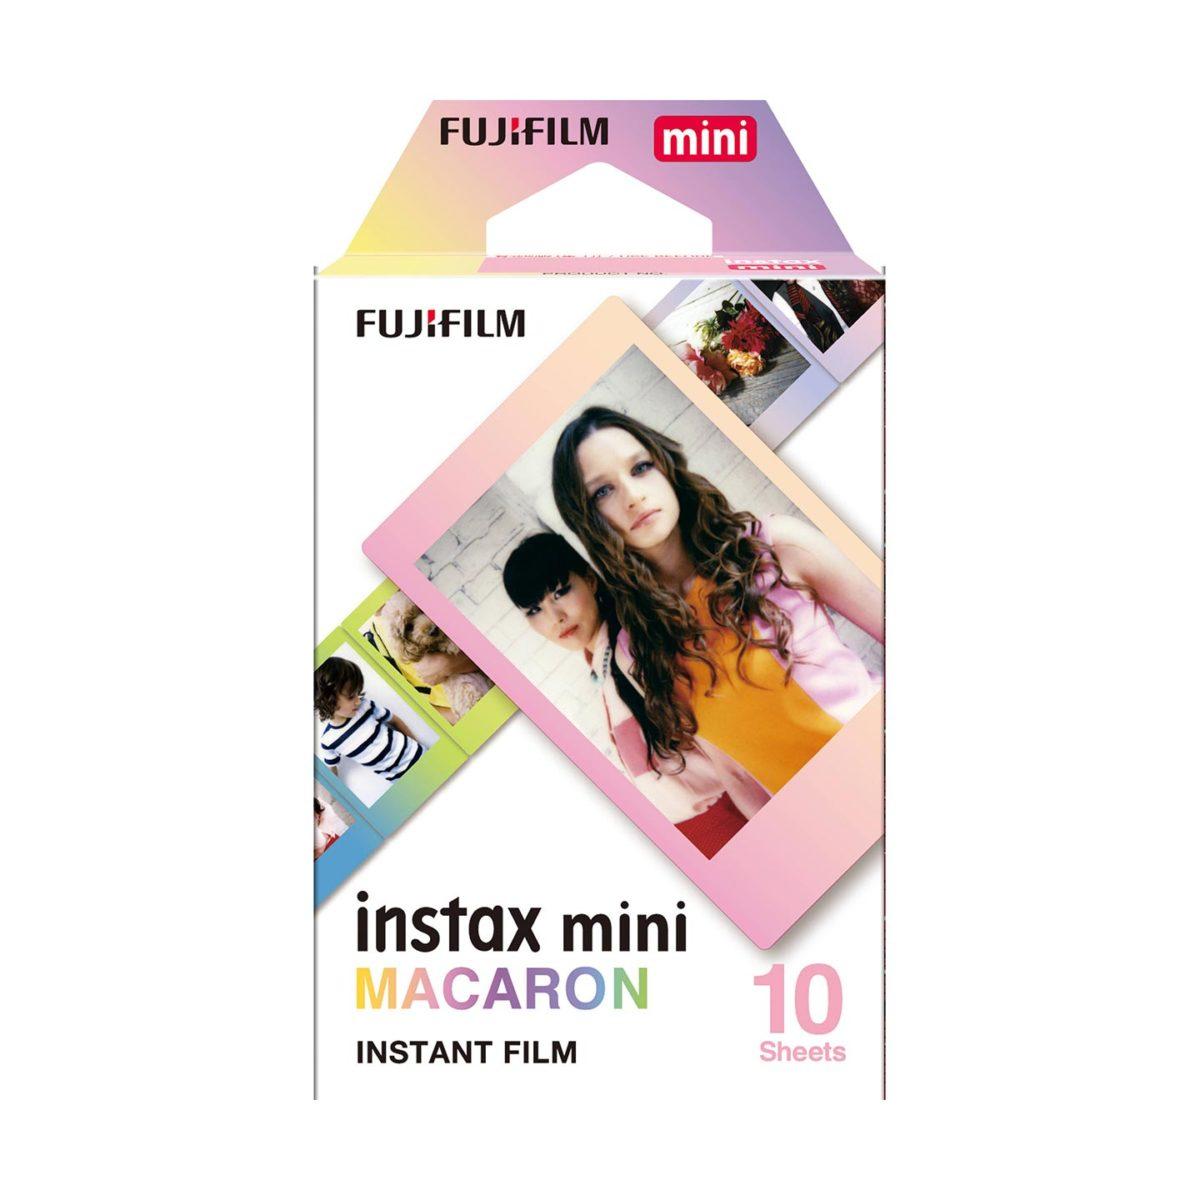 fujifilm_instax_mini_macaron_01